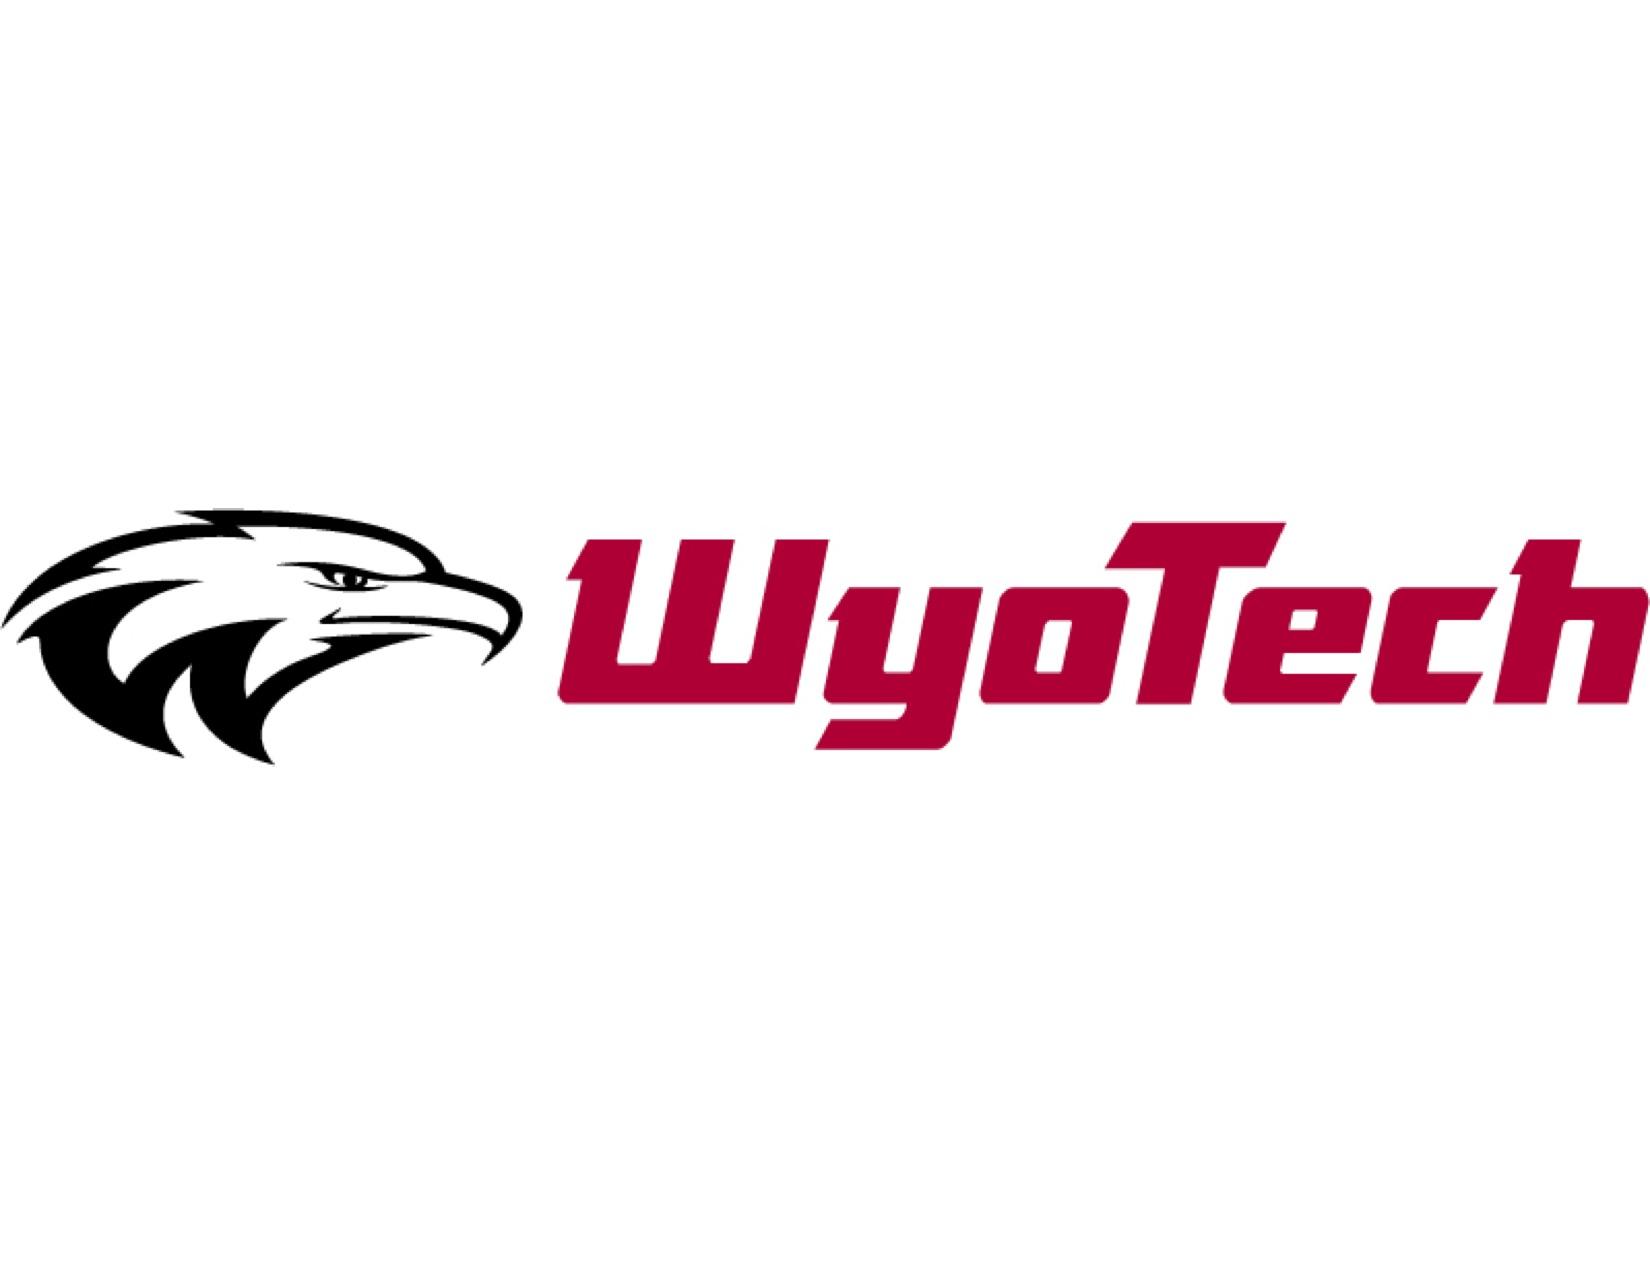 Wyotech logo